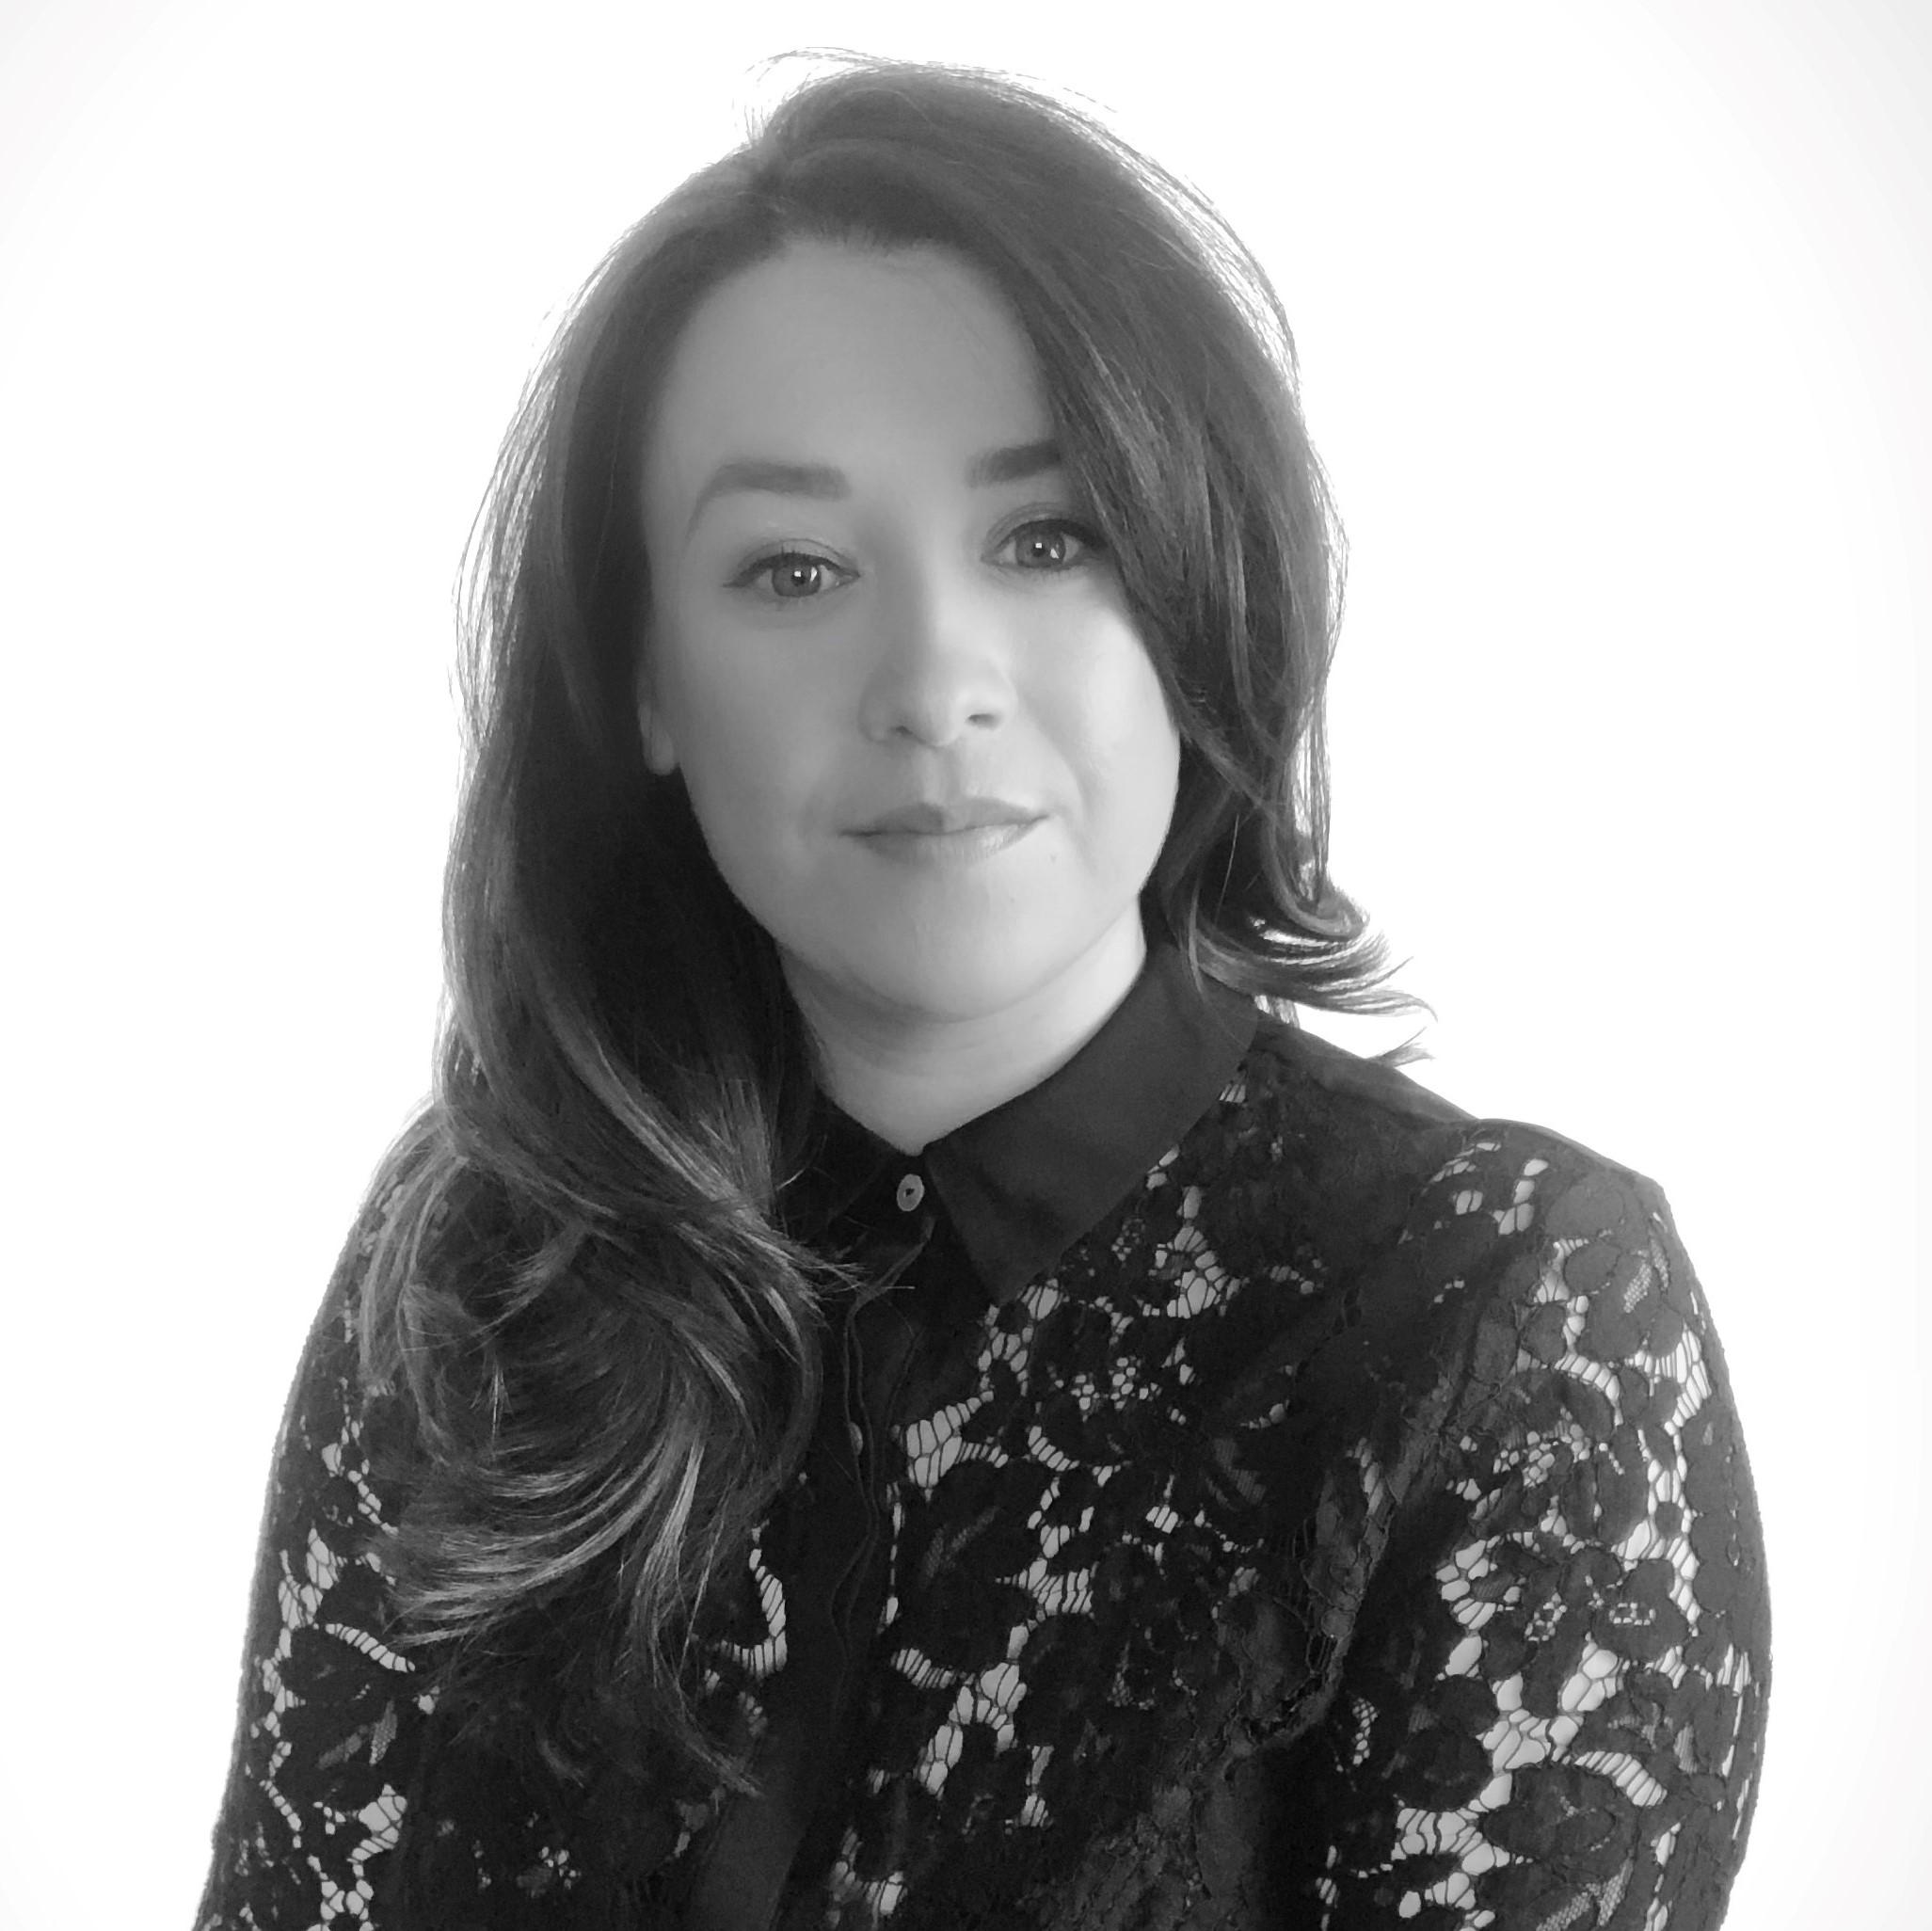 Chelsea Vickers